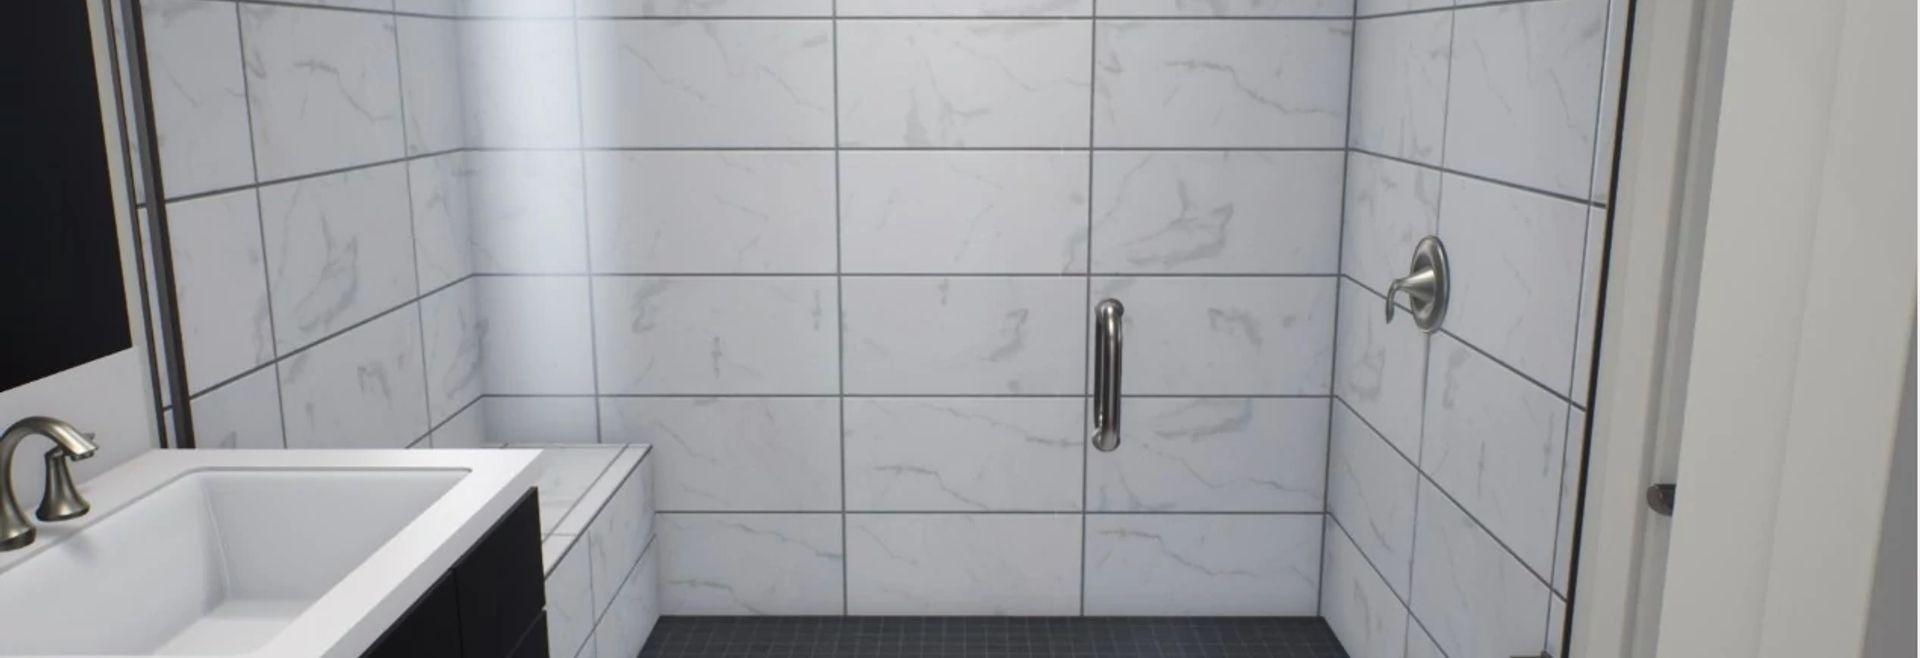 Virtual Owner's Bathroom